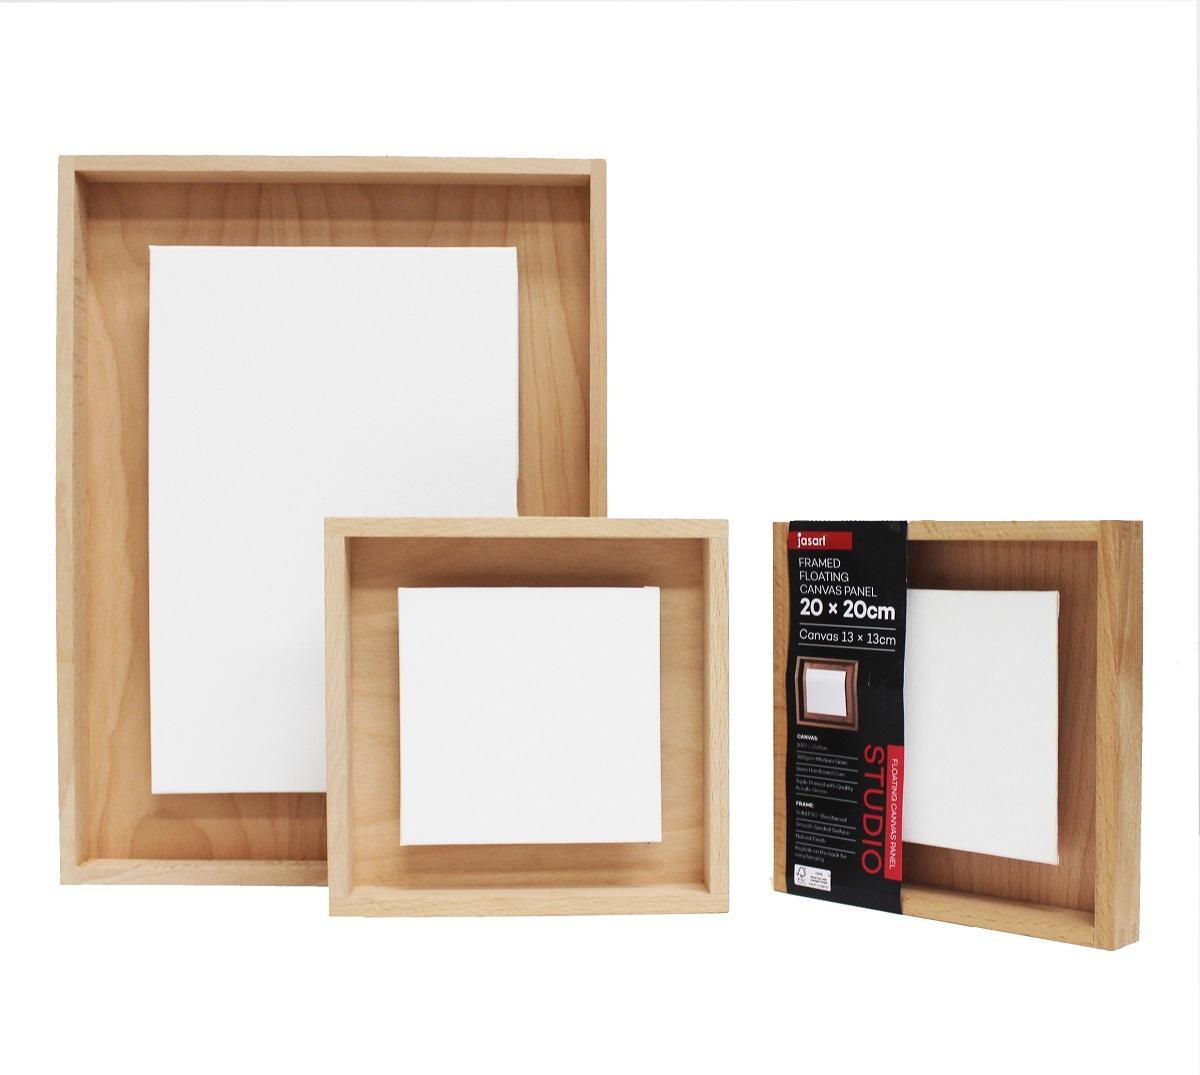 Jasart: Framed Floating Canvas Panel image